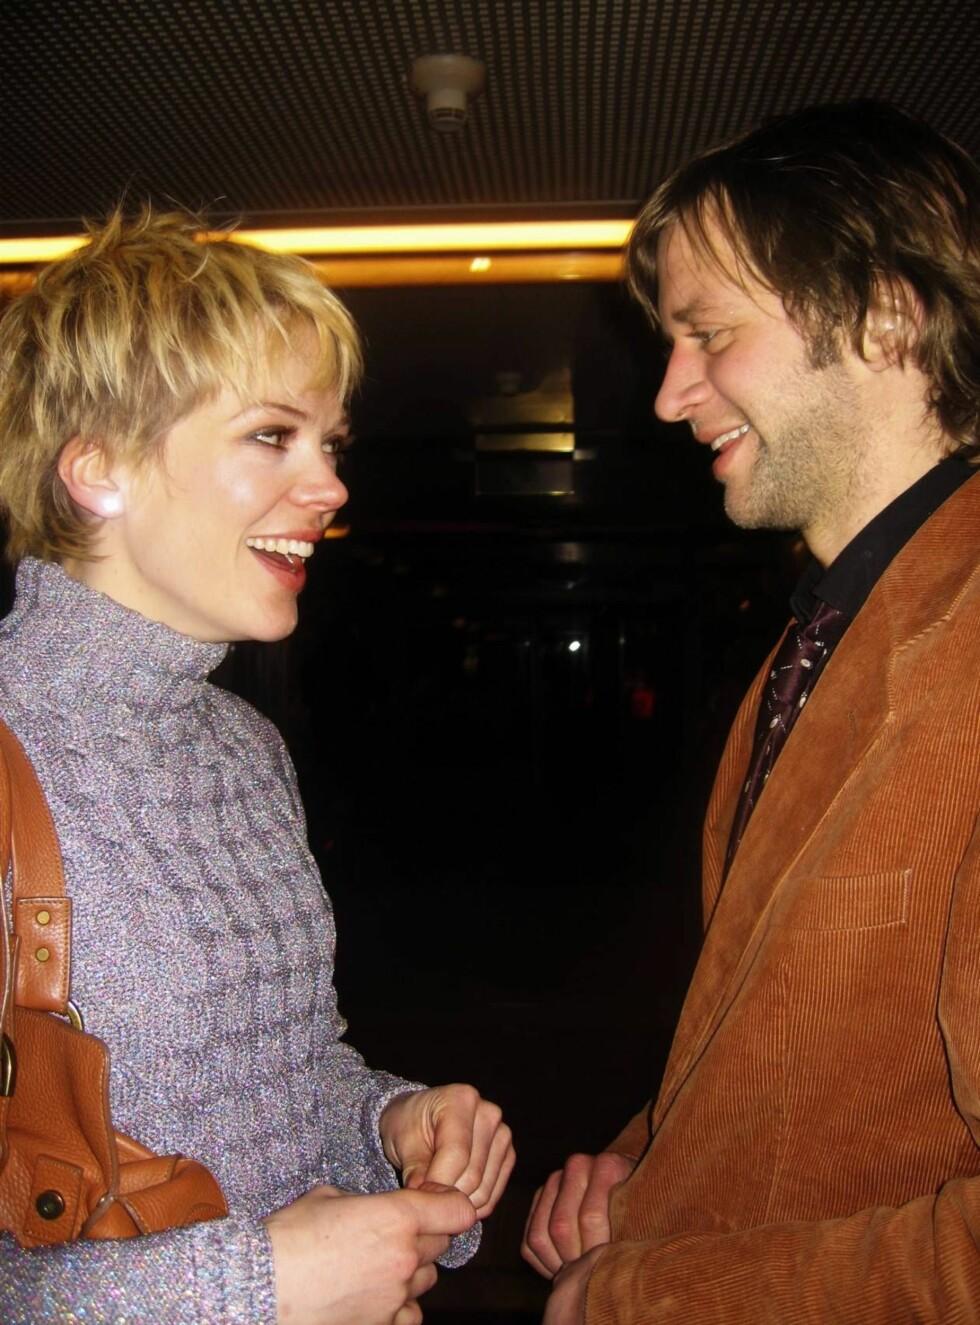 NY KJÆRSTE: Musiker og trompetist Sjur Miljeteig skal være Anes nye kjæreste. Foreløpig savner hun ikke barn, men antyder at det kan bli aktuelt senere i livet.